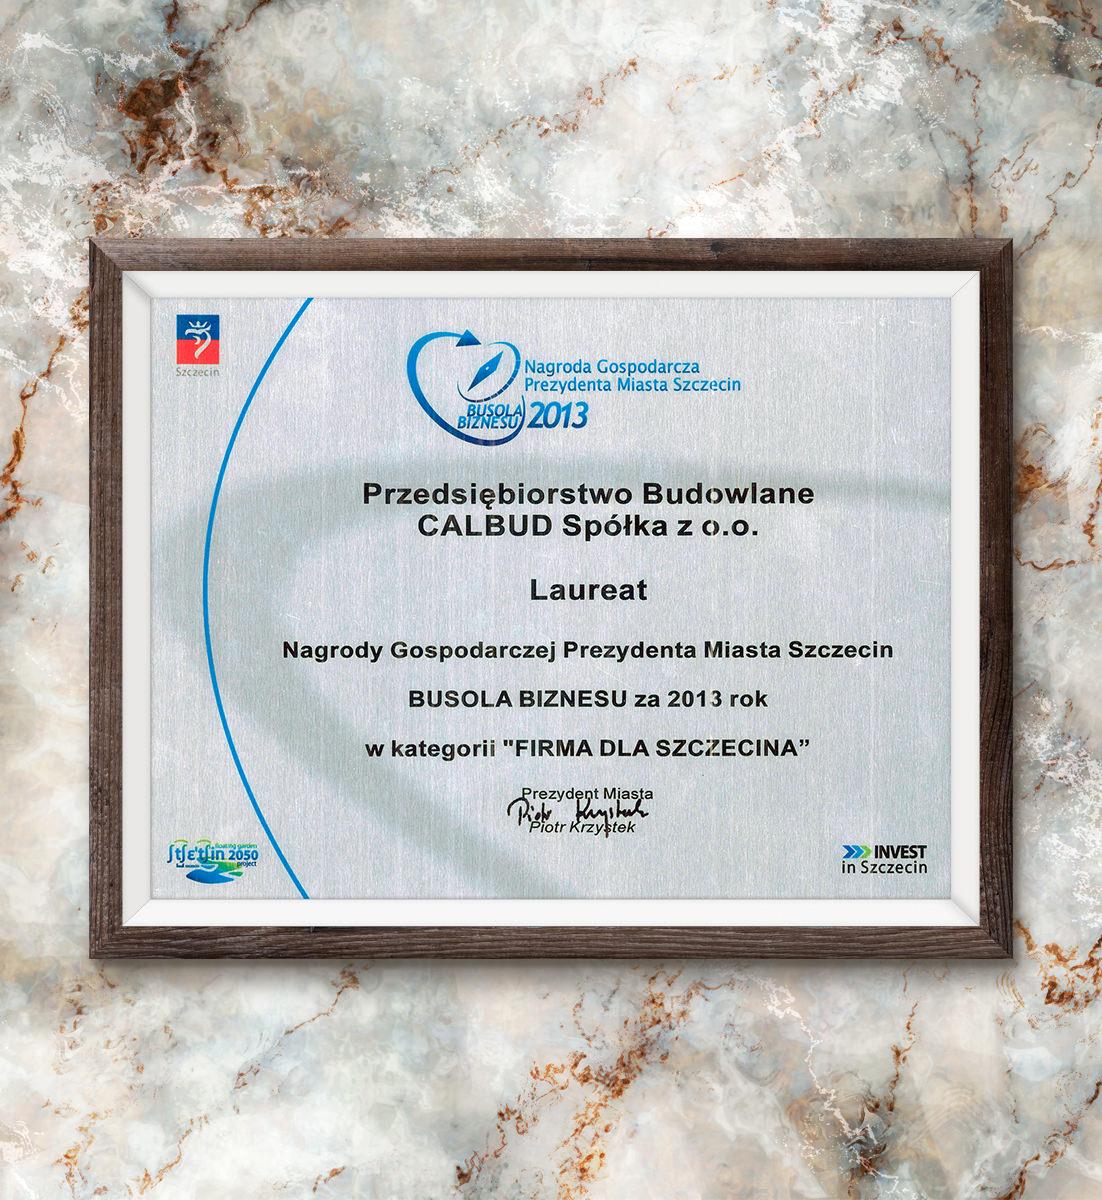 Busola Biznesu za 2013 rok - laureat w kategorii